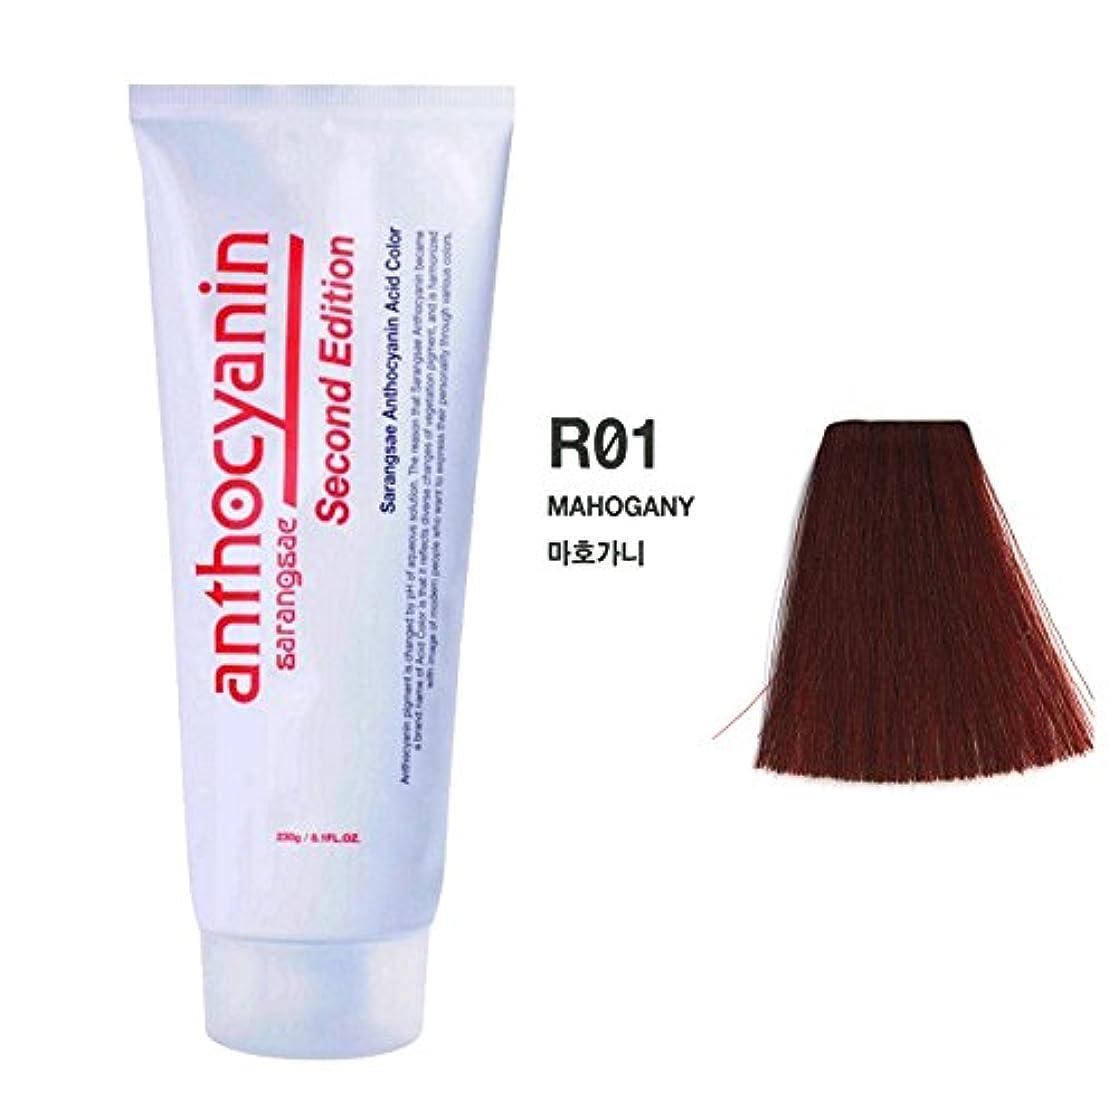 調停者風味能力ヘア マニキュア カラー セカンド エディション 230g セミ パーマネント 染毛剤 ( Hair Manicure Color Second Edition 230g Semi Permanent Hair Dye) [並行輸入品] (R01 Mahogany)